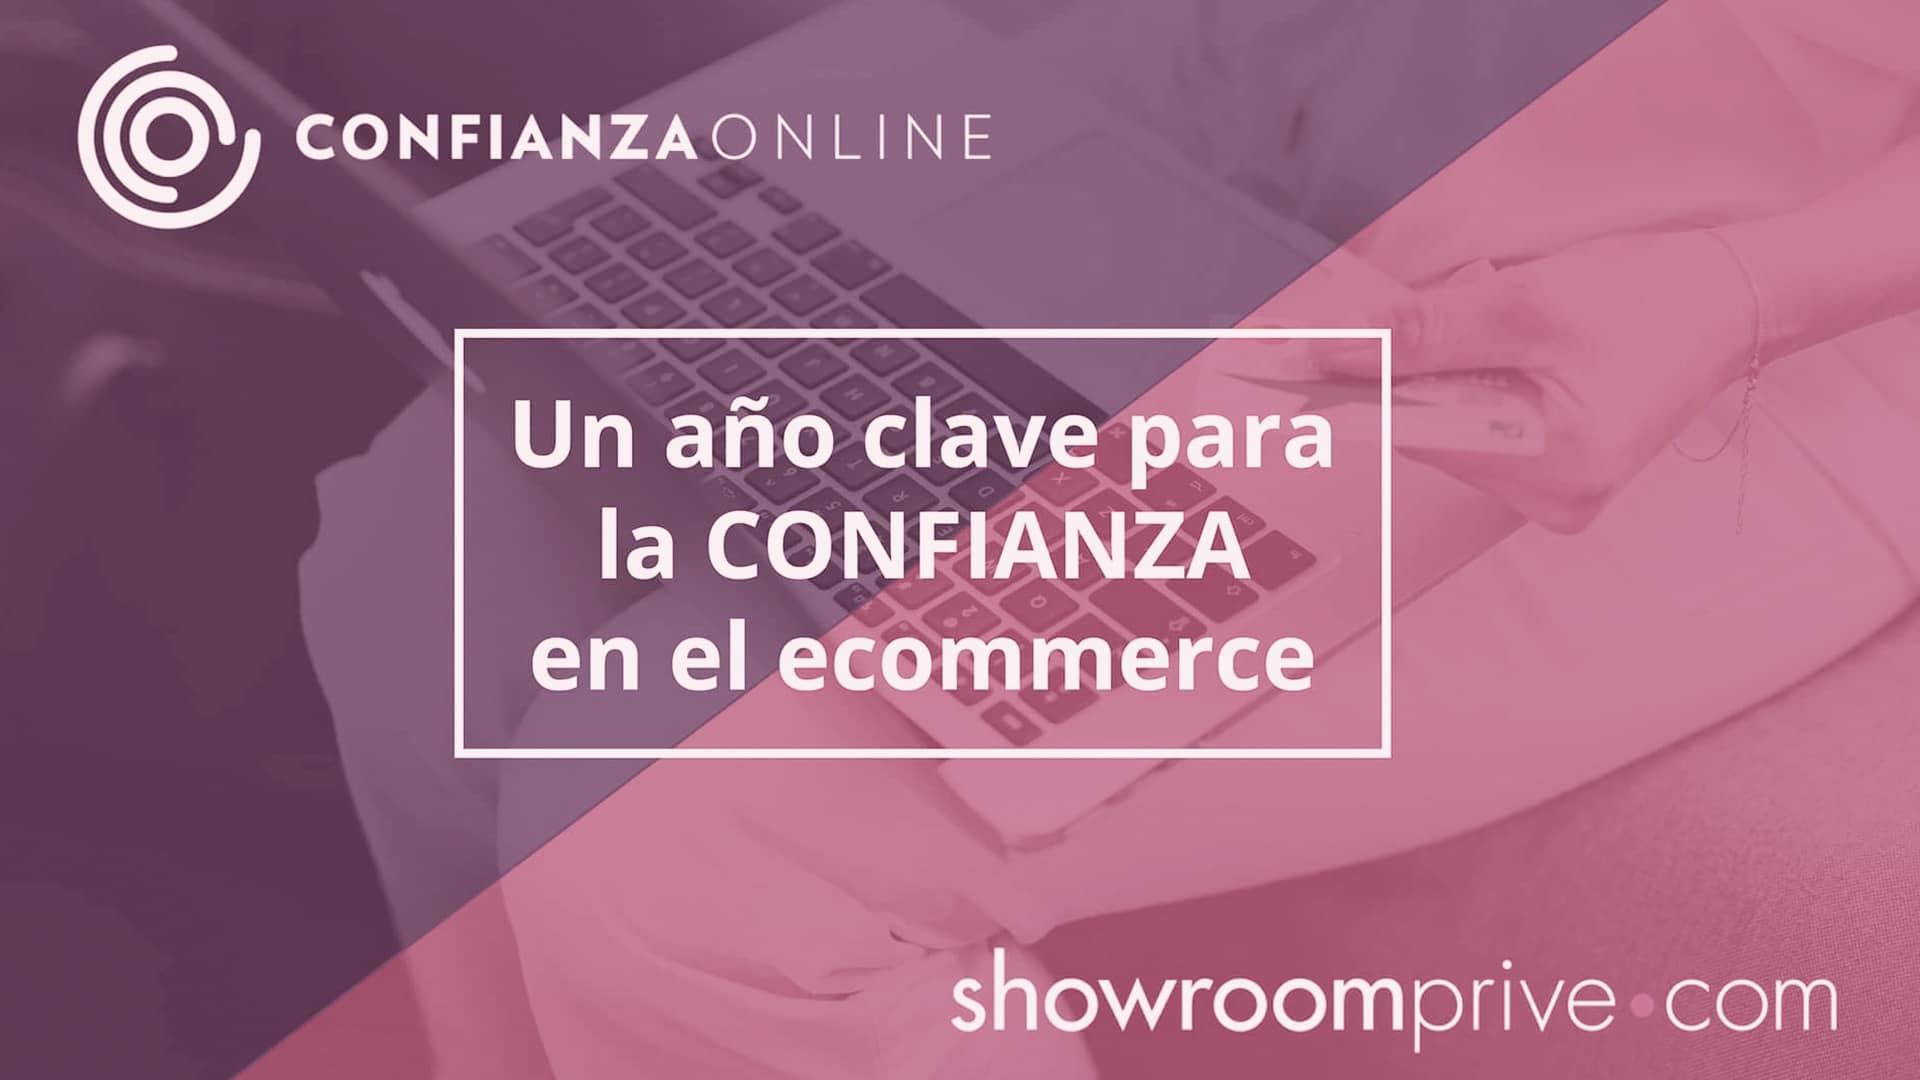 VI Estudio de Showroomprive y Confianza Online sobre la confianza en las compras de moda online